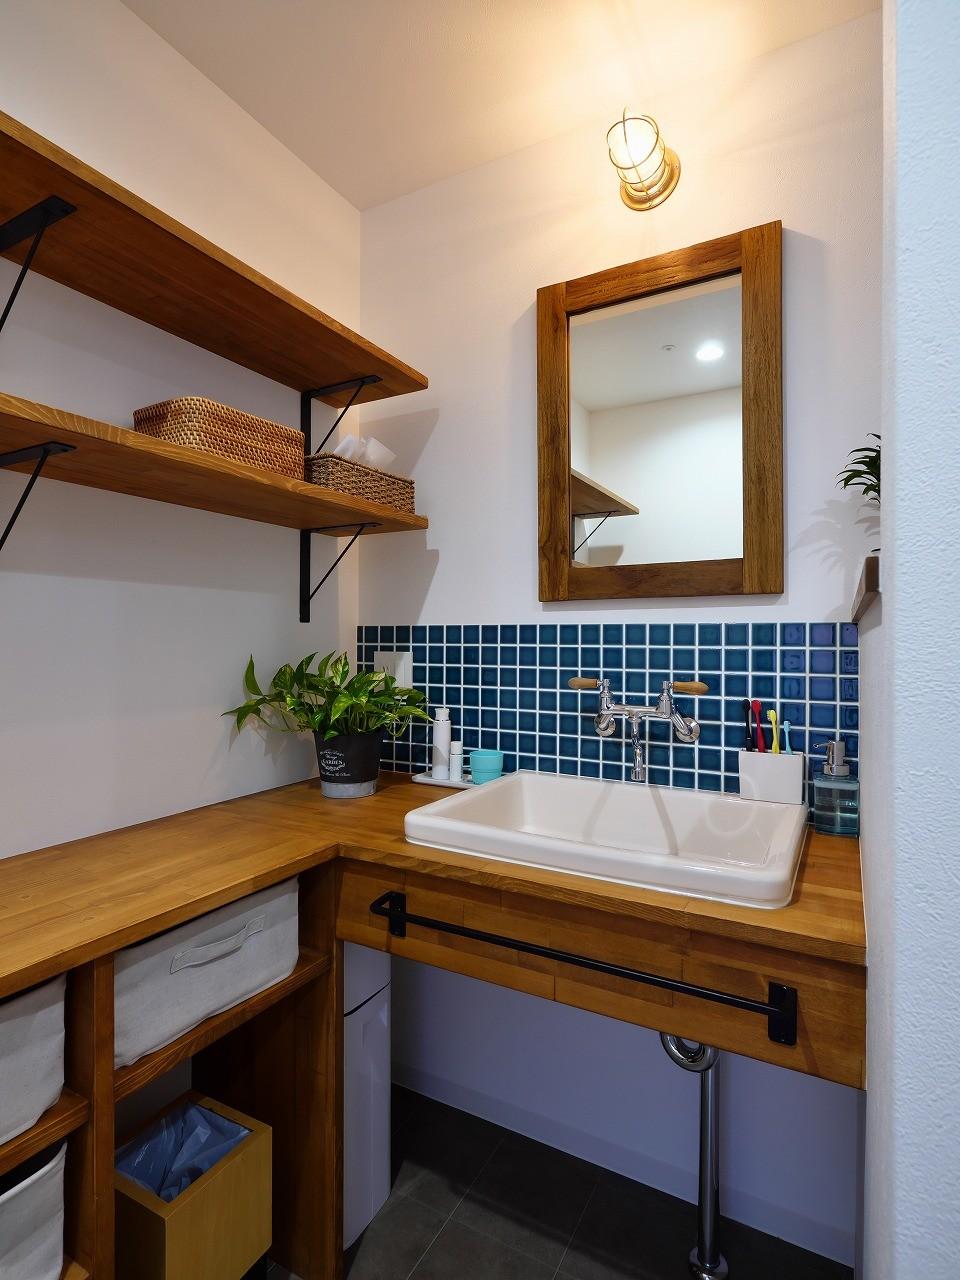 美想空間|カフェハウス「アウトドアを楽しむ家」